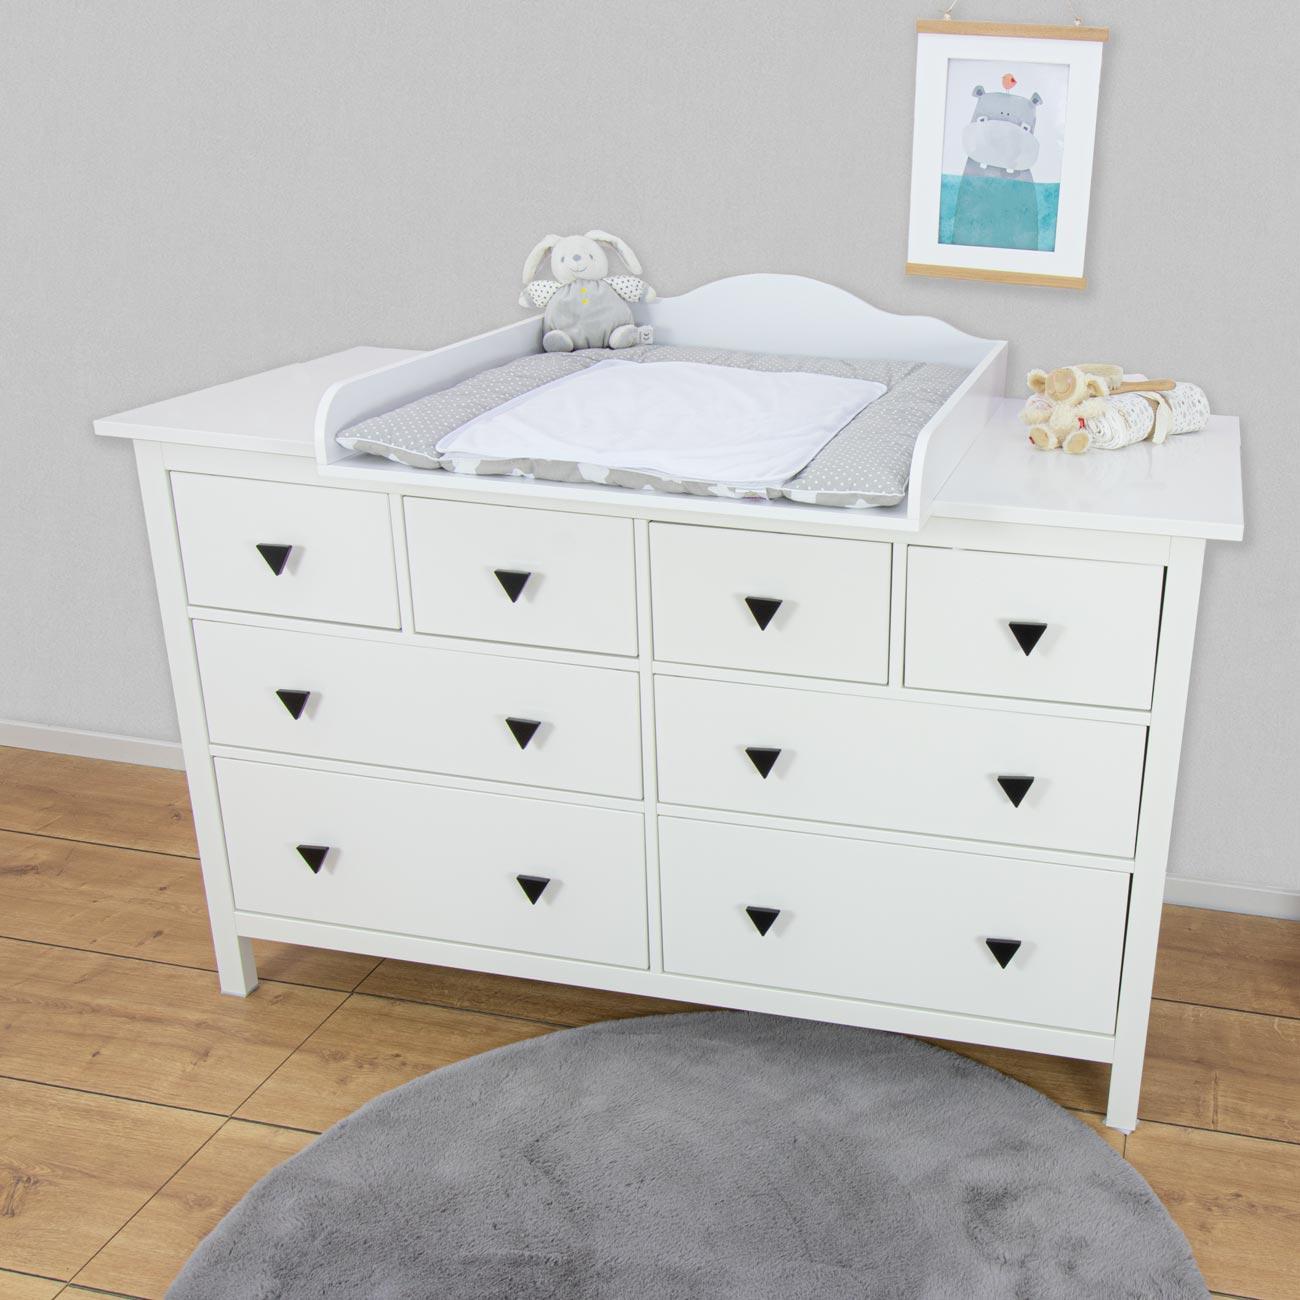 Ikea Kommode Grau Weiß